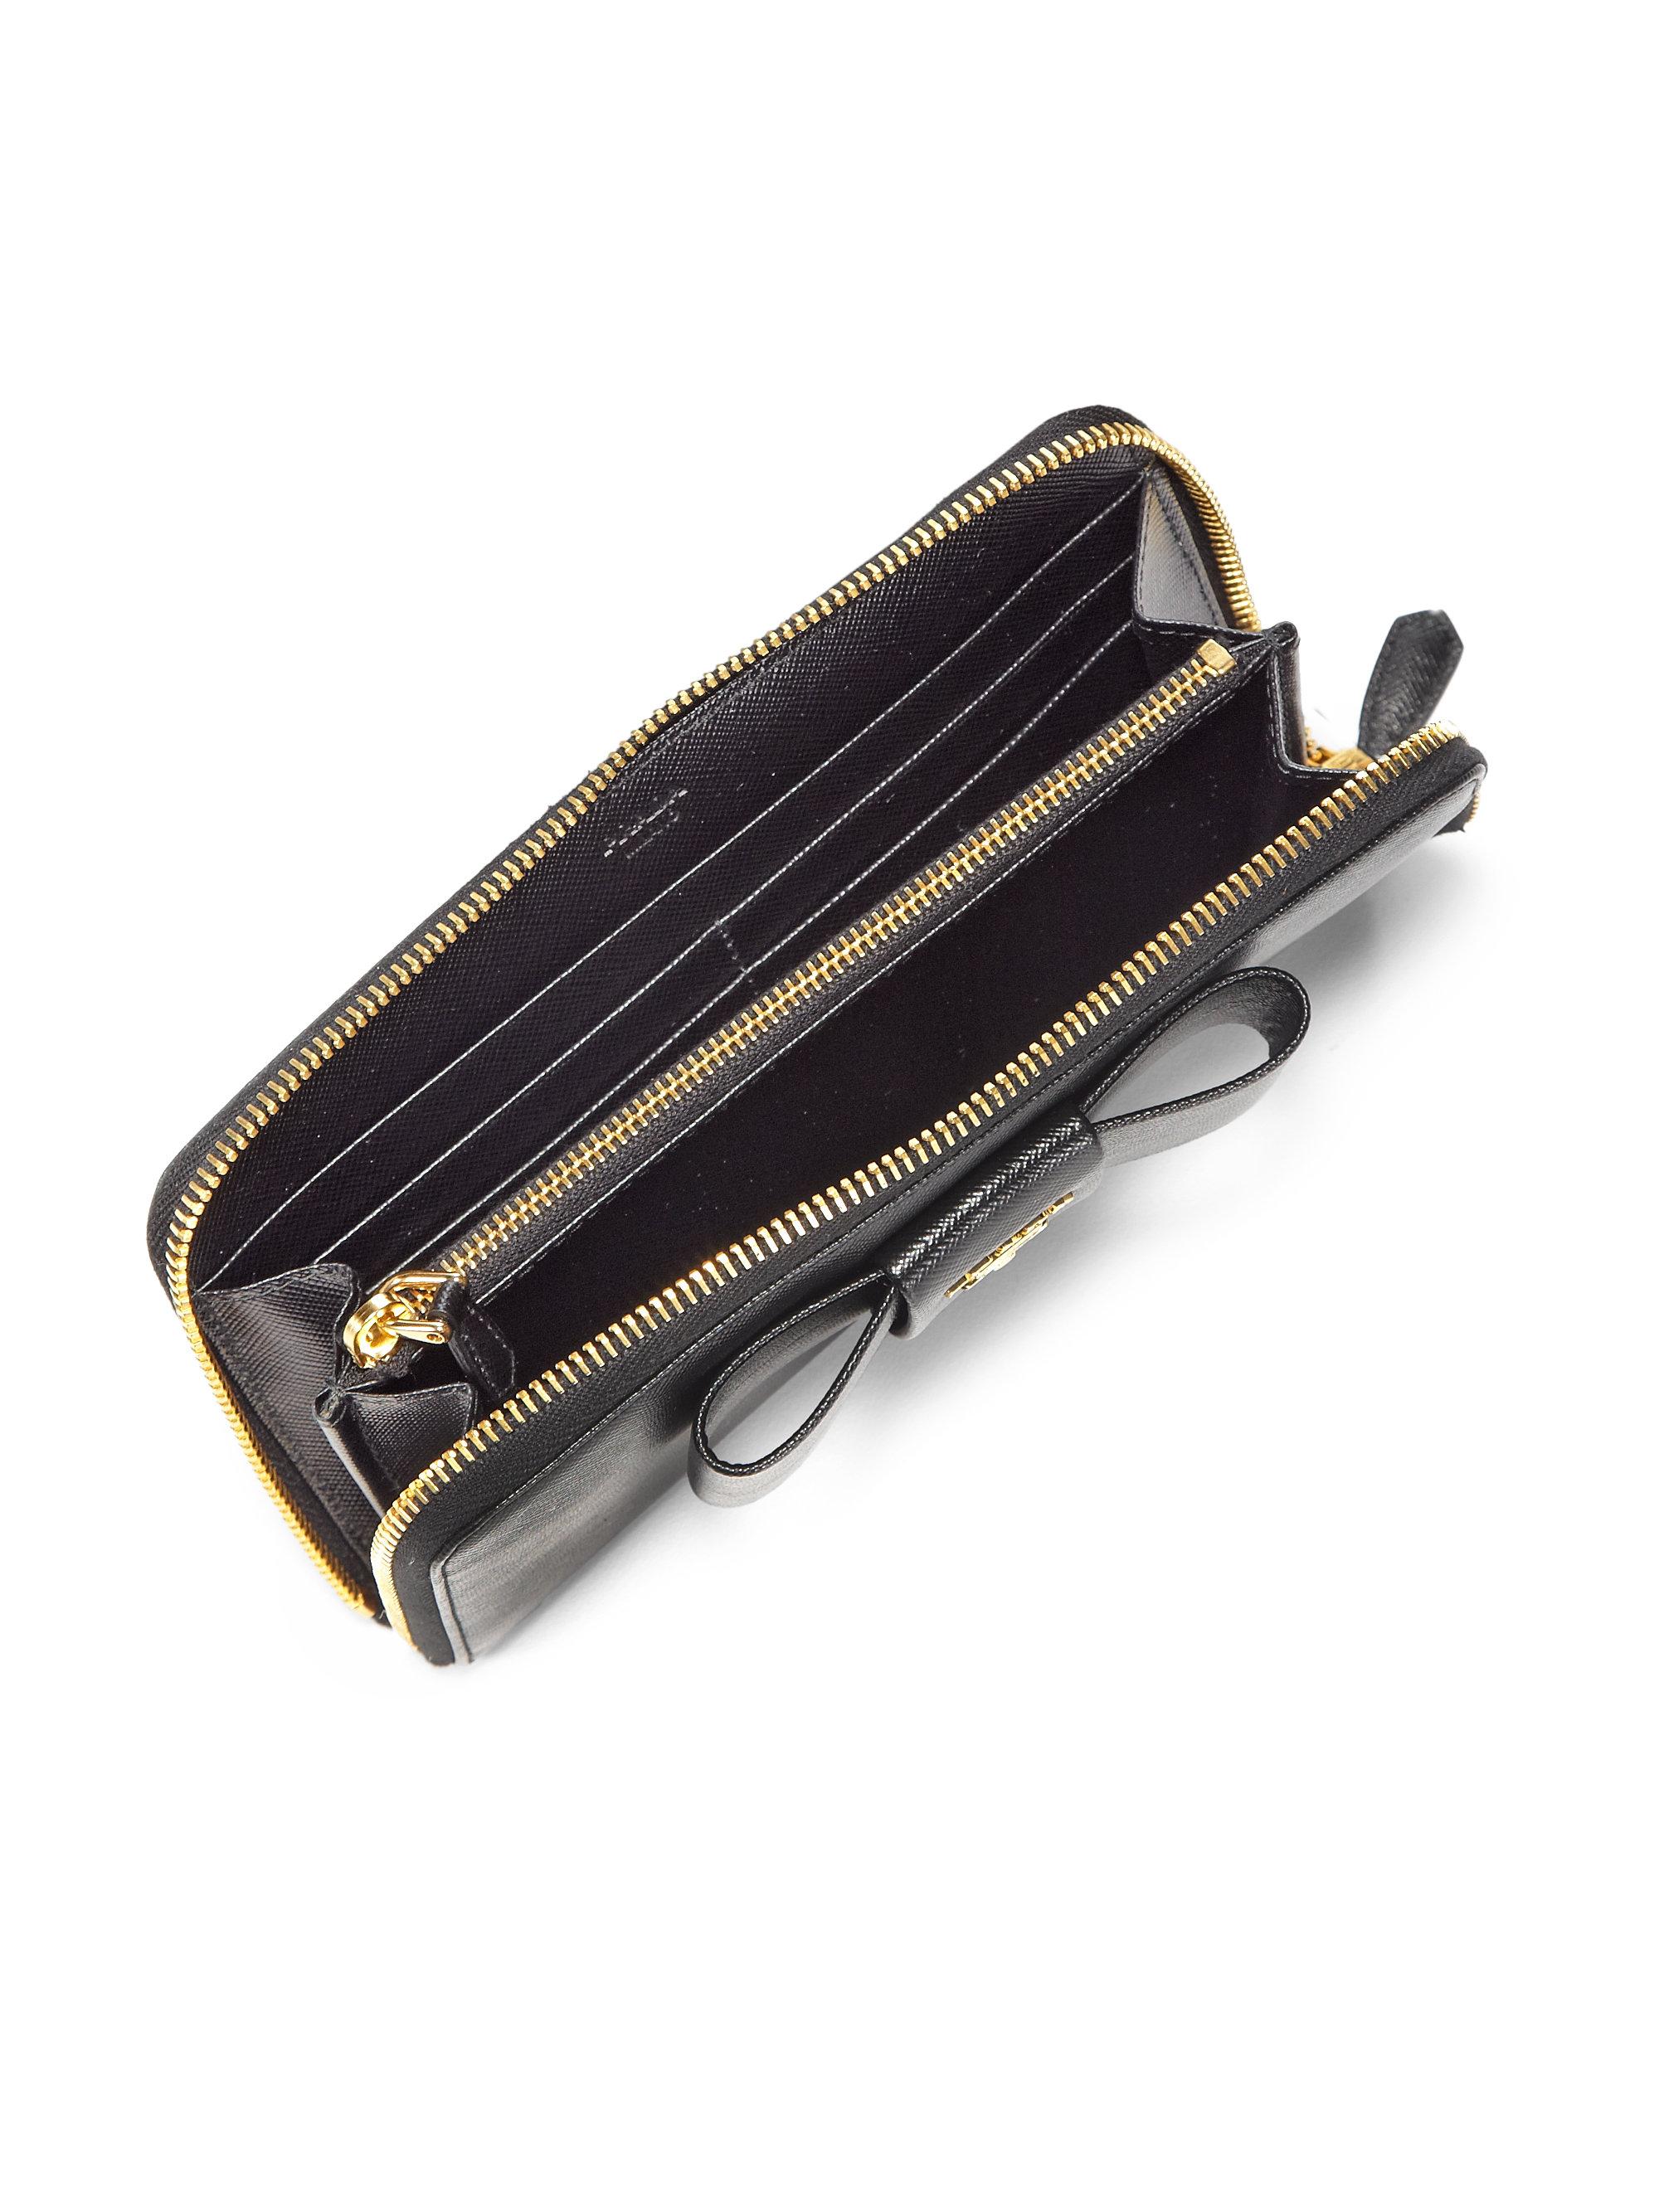 Prada Saffiano Bow Zip-around Wallet in Black (nero-black) | Lyst